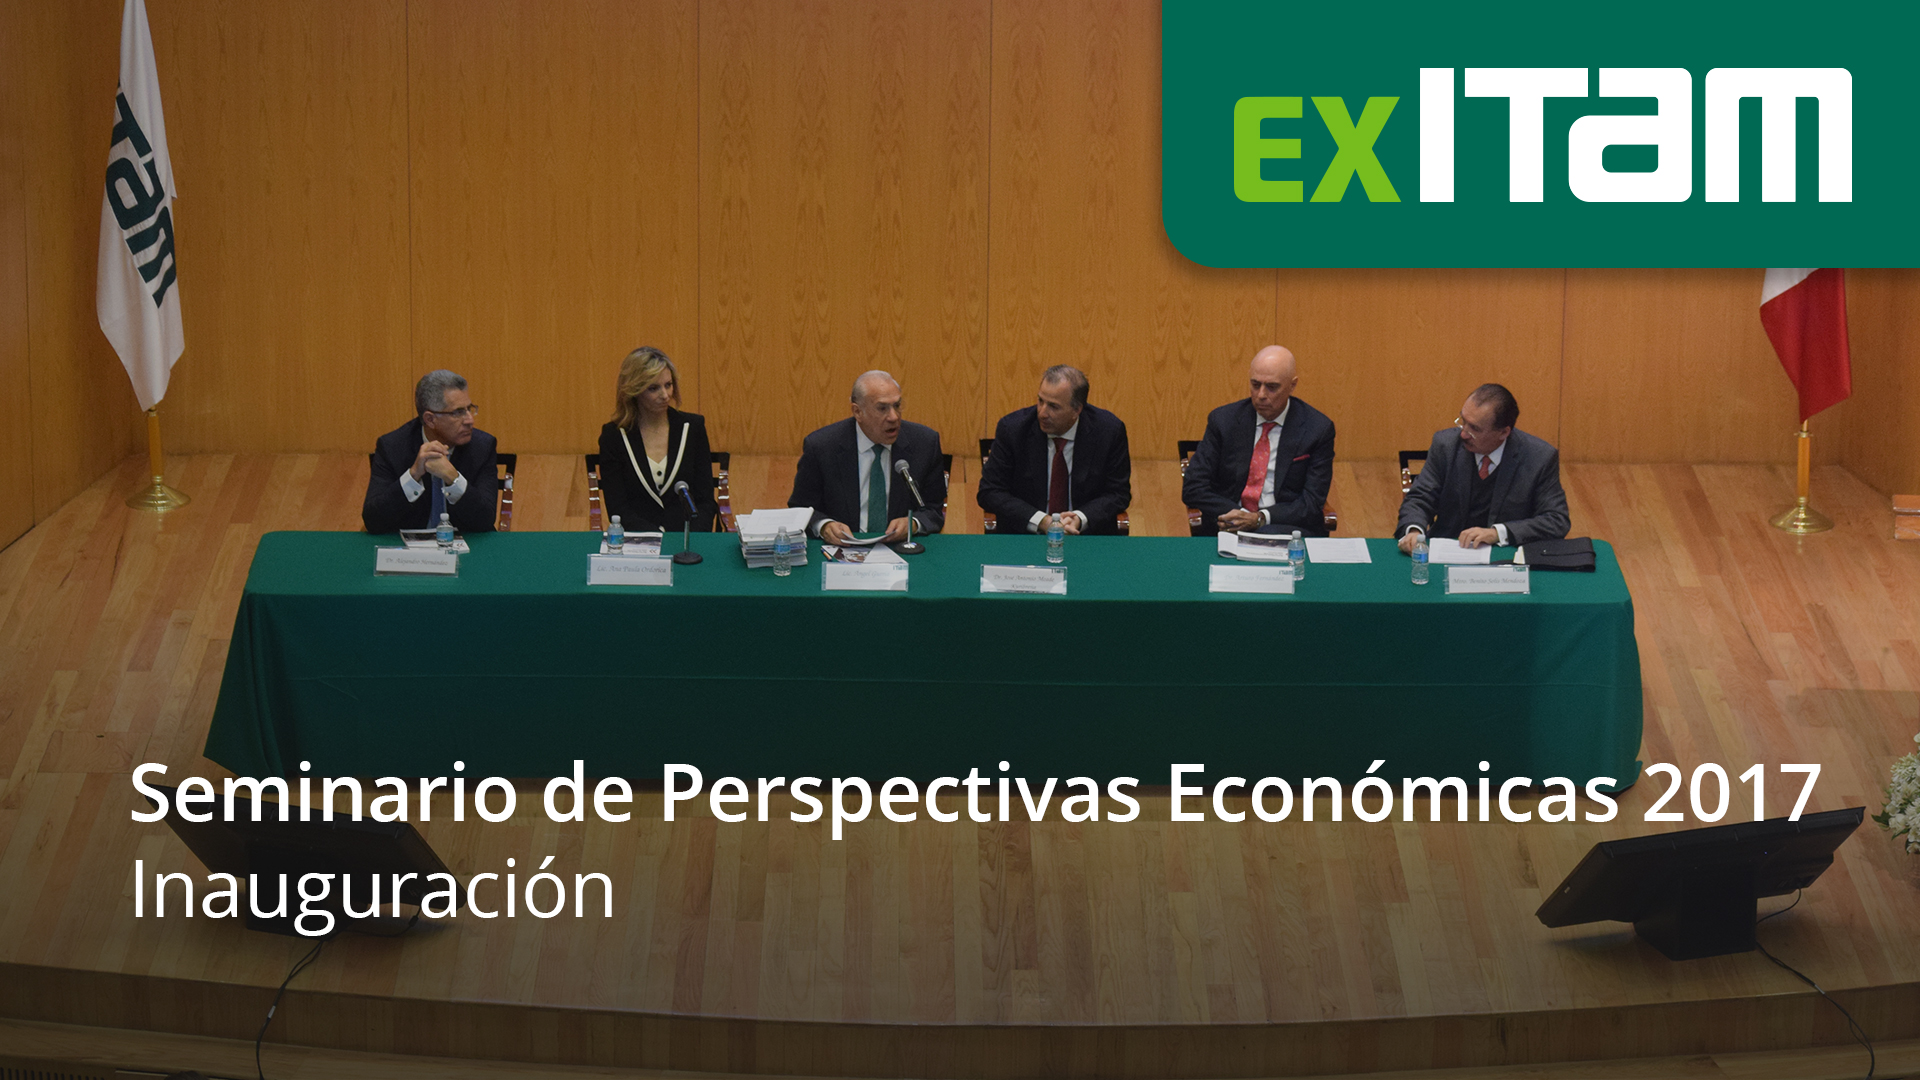 Inauguración del Seminario de Perspectivas Económicas 2017